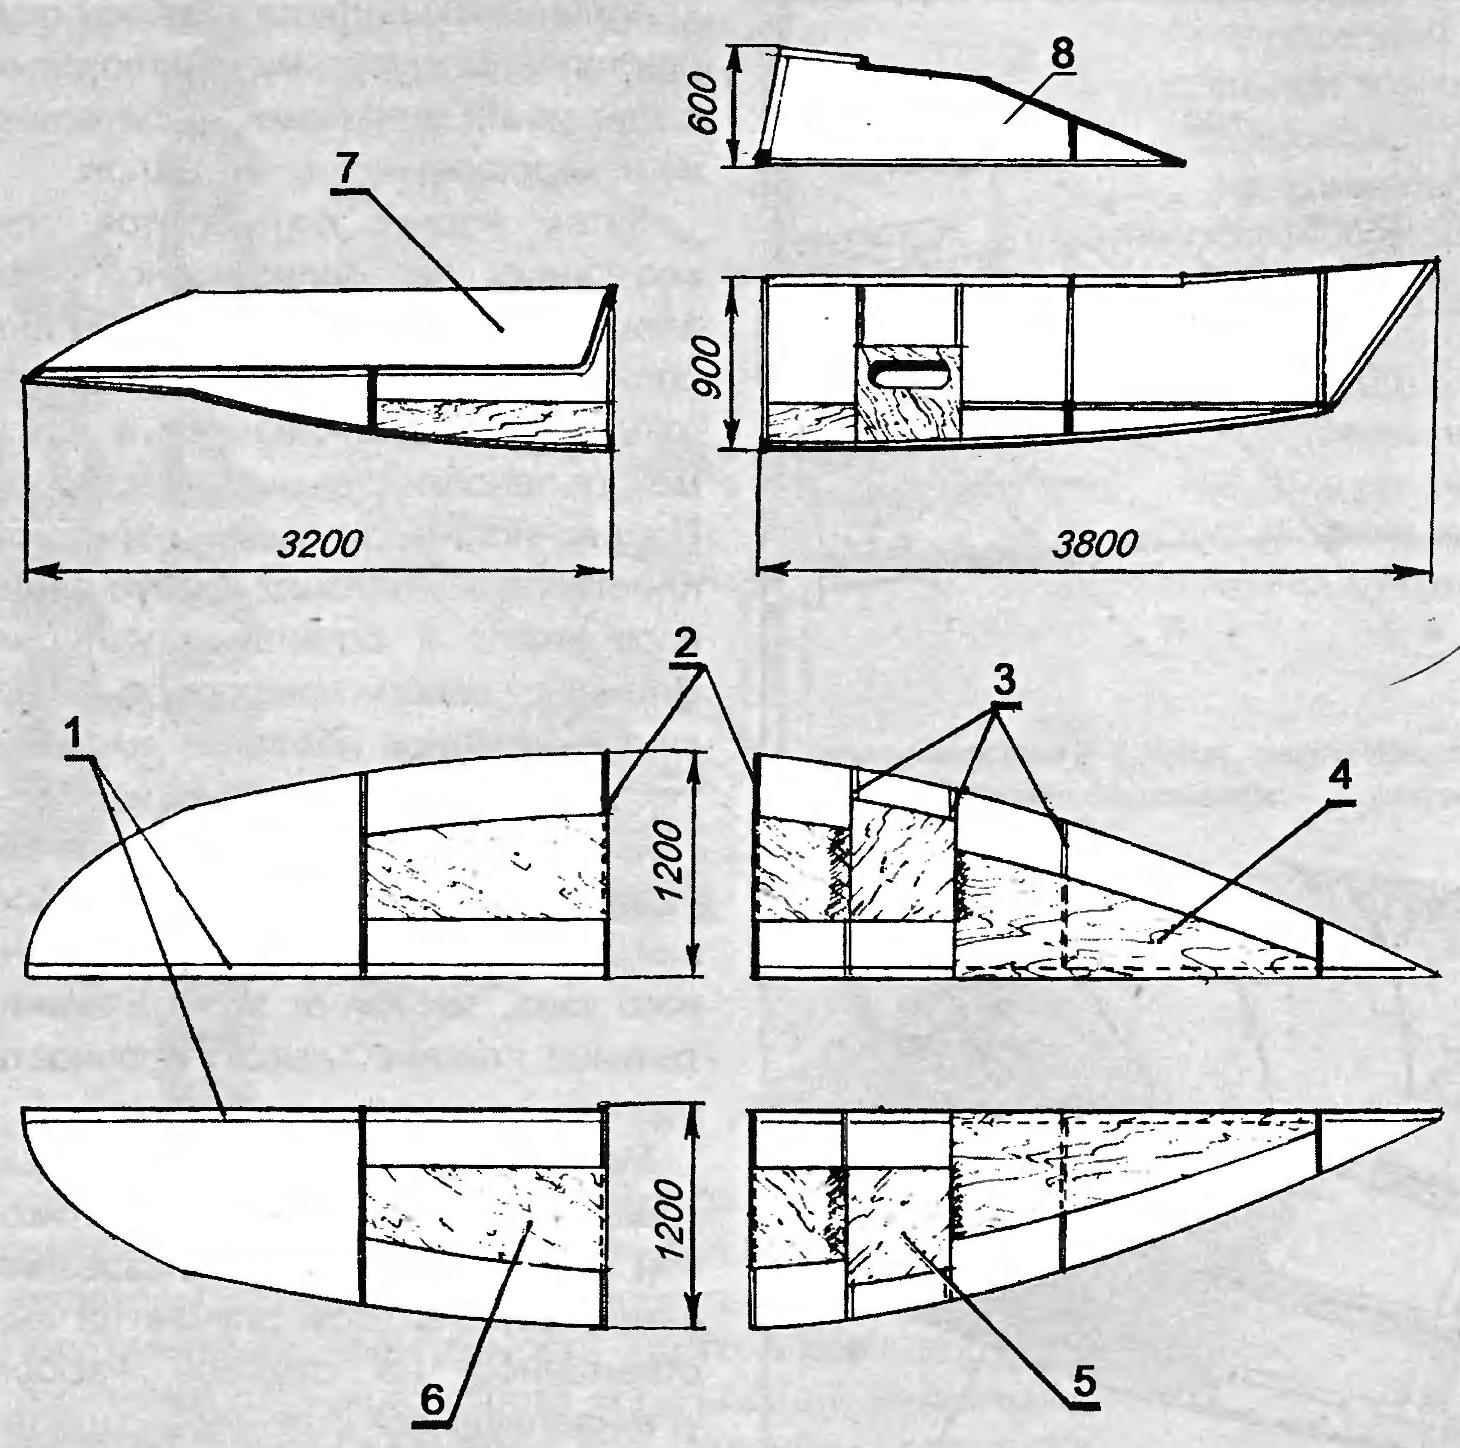 Рис. 7. Пример разбивки на секции корпуса крейсерской гоночной яхты